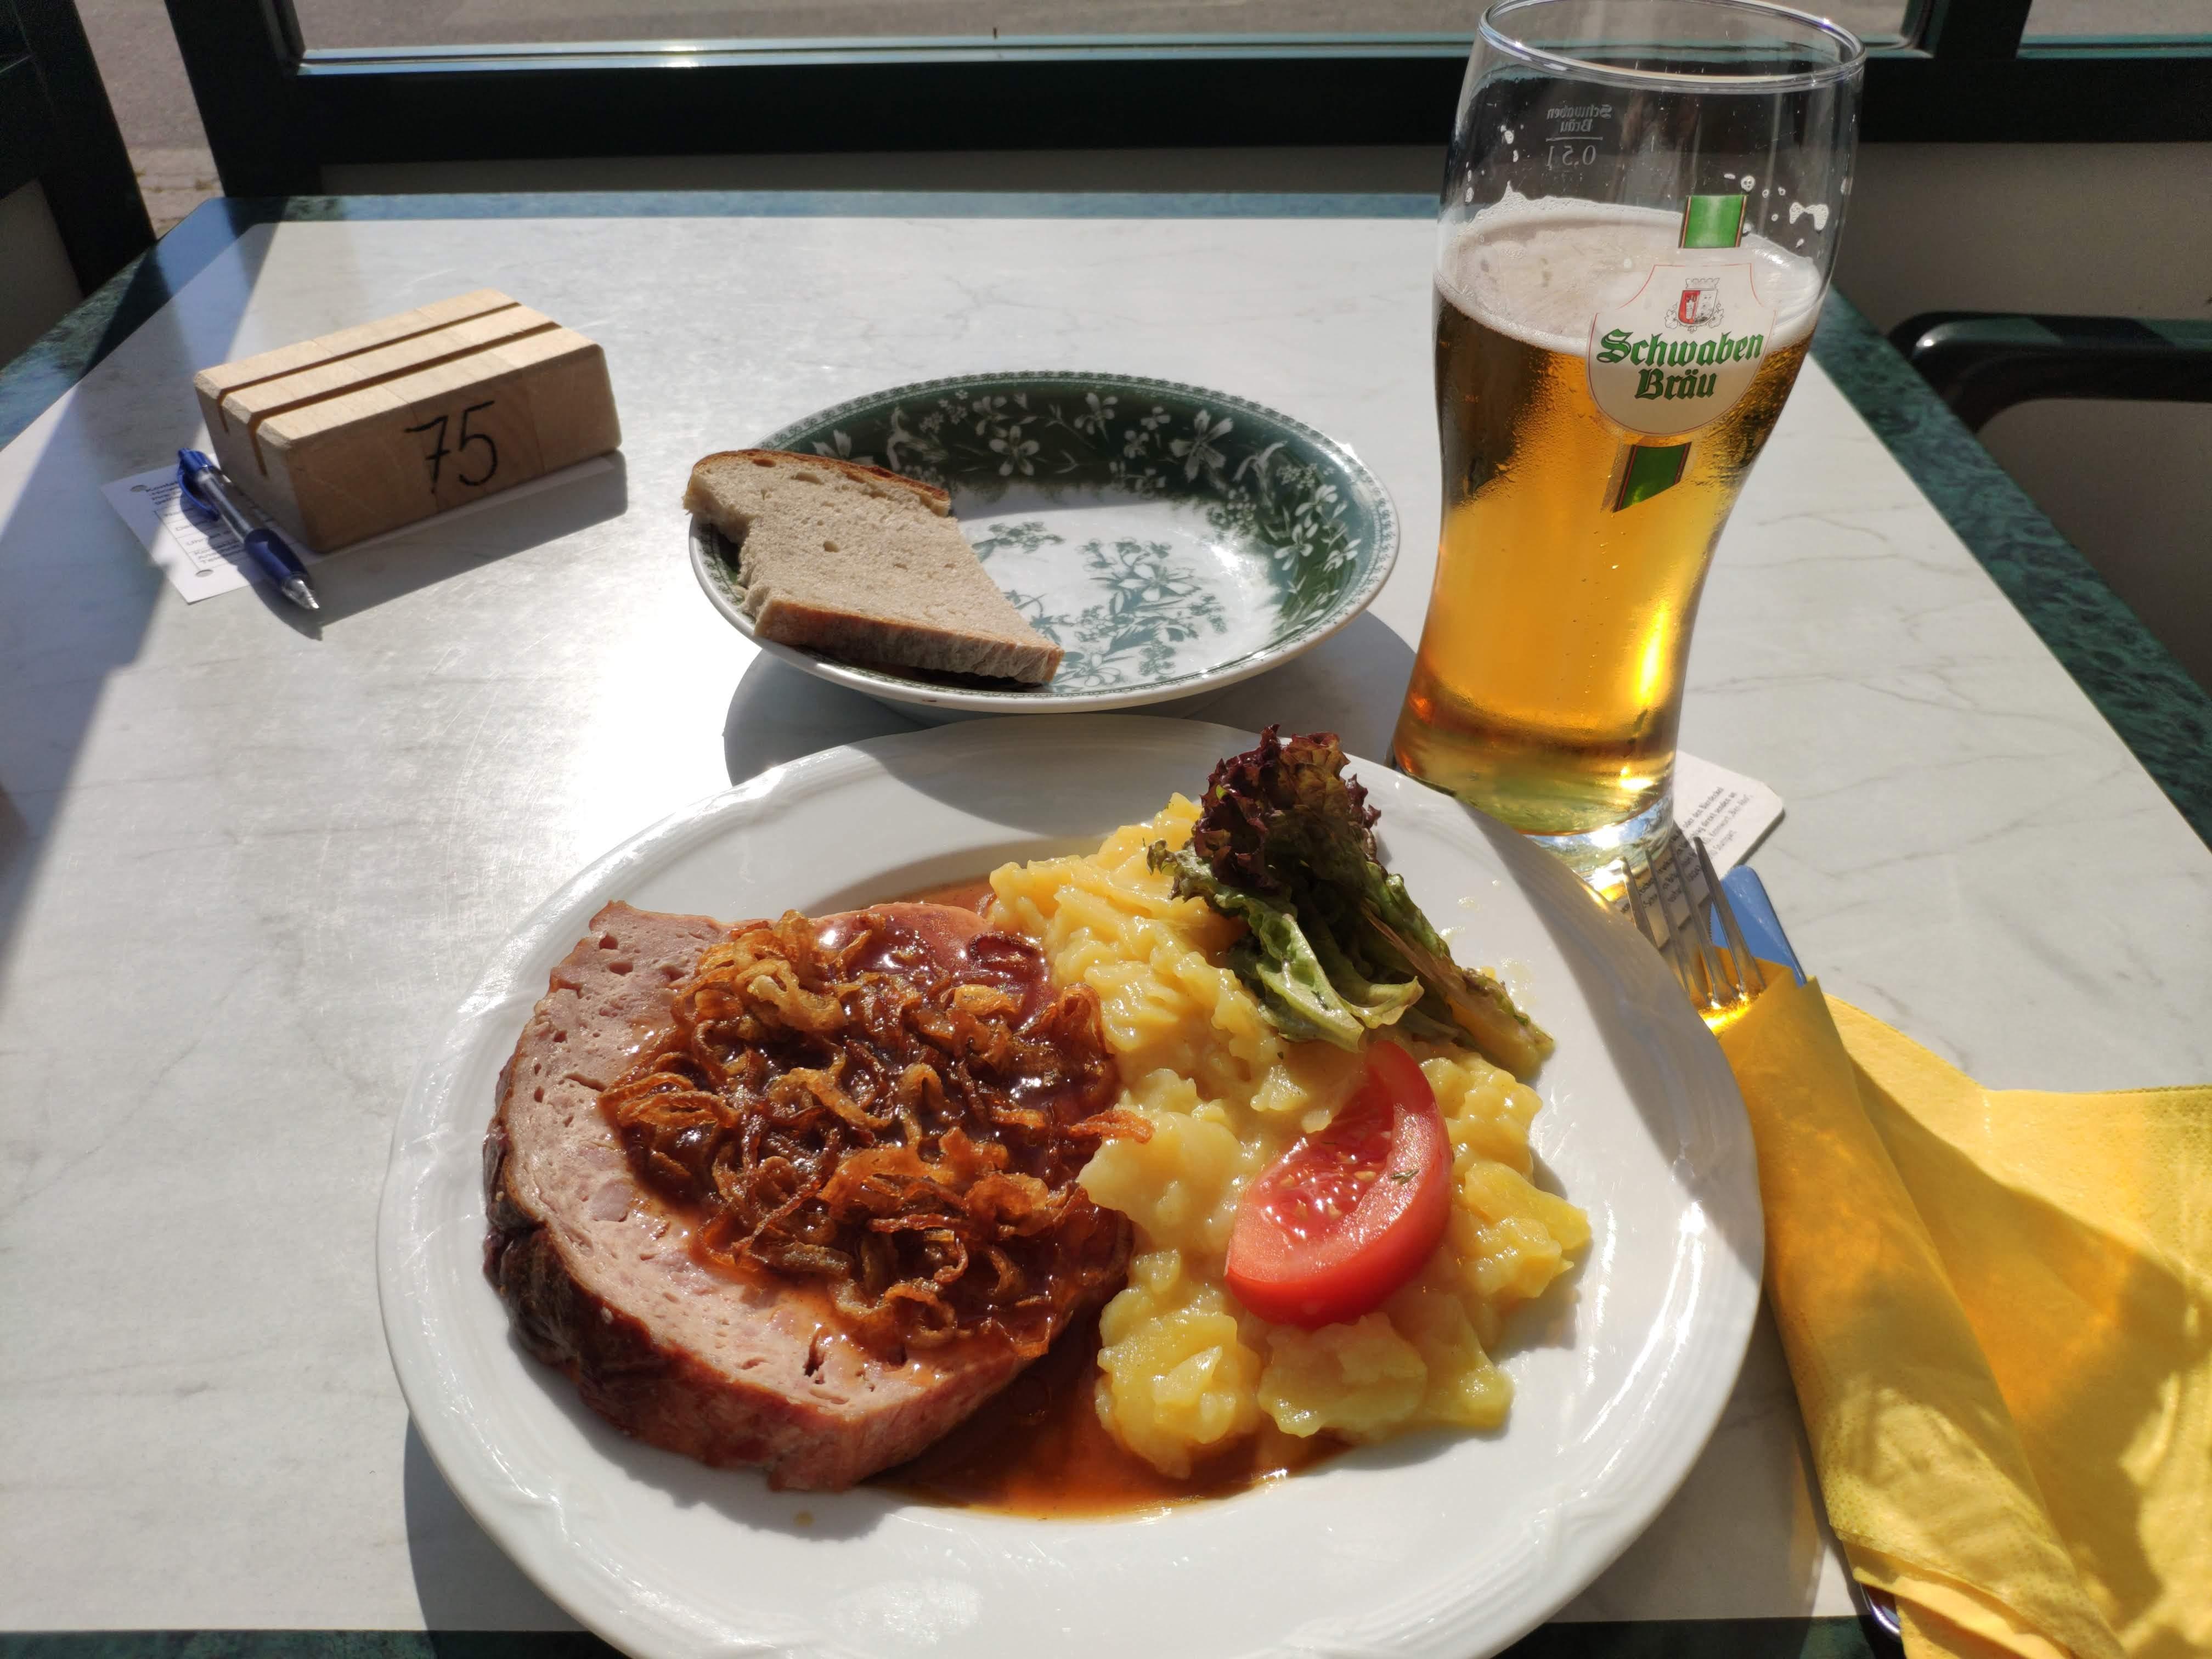 https://foodloader.net/nico_2020-06-25_fleischkaese-mit-kartoffelsalat.jpg